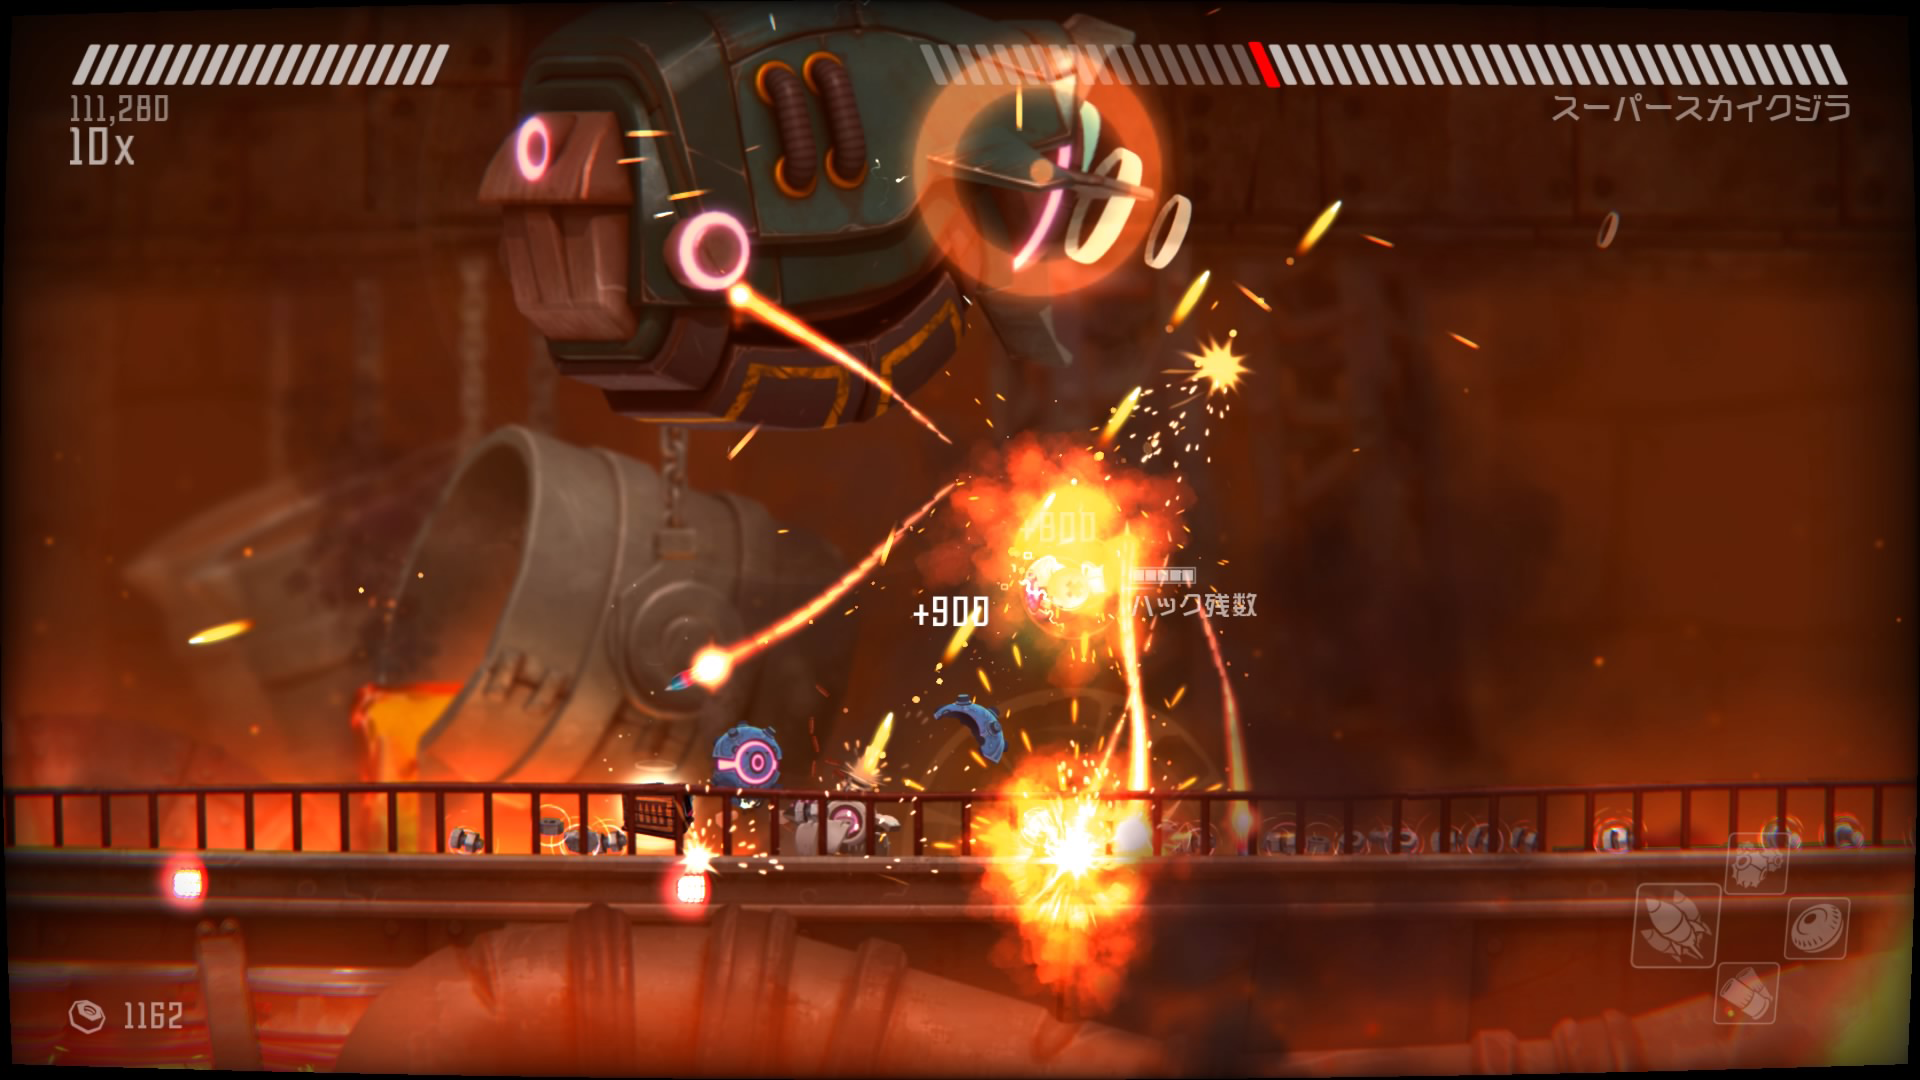 『RIVE』ゲーム画面